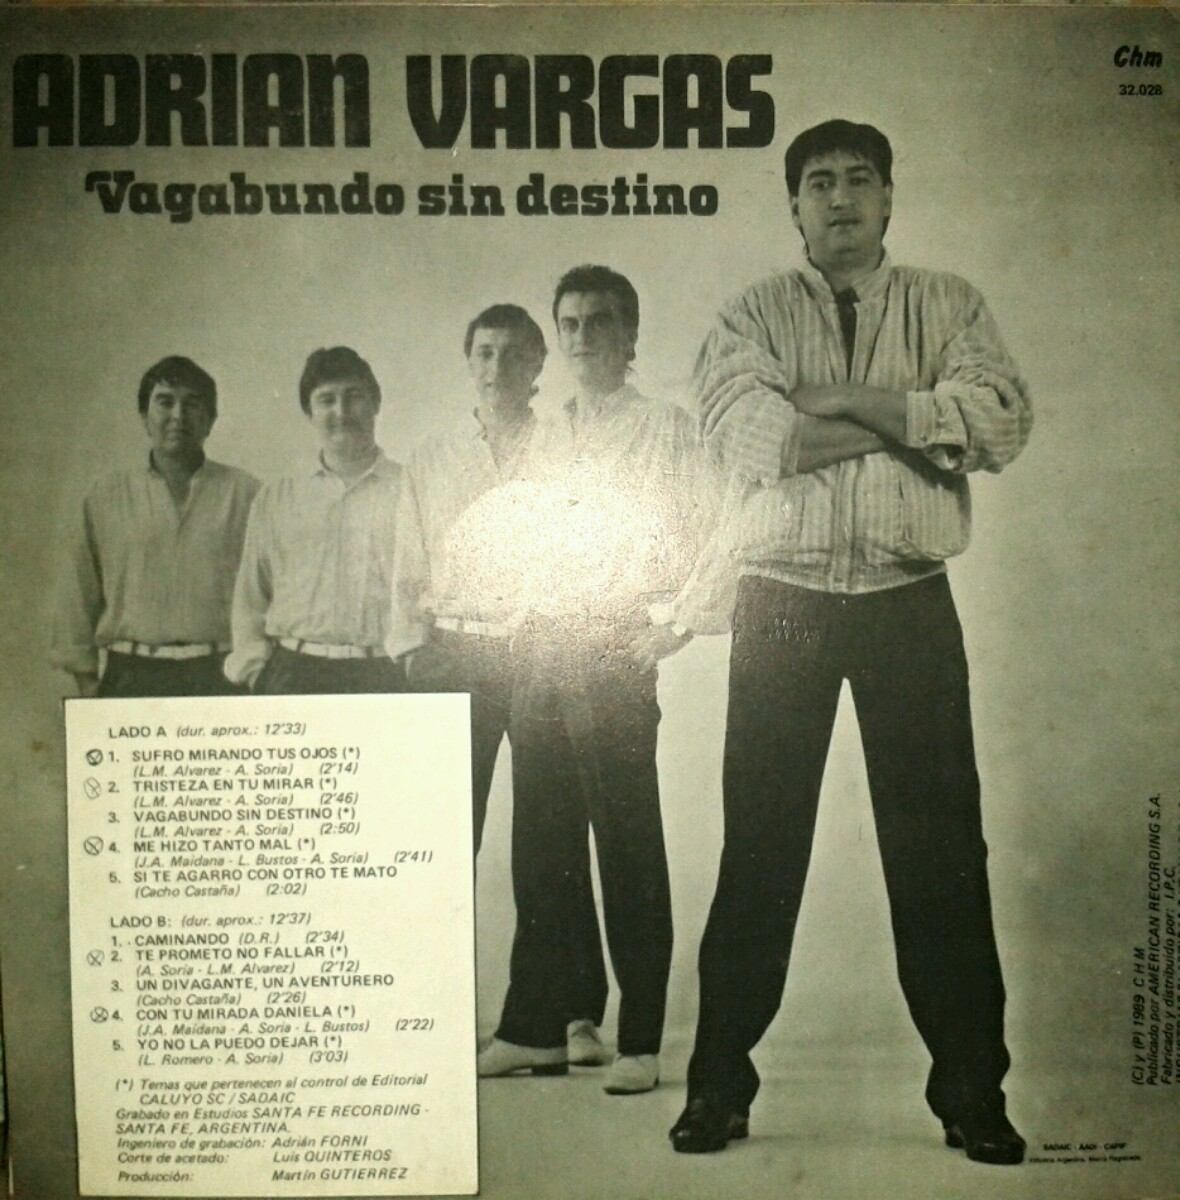 Adrian Vargas Vagabundo Sin Destino